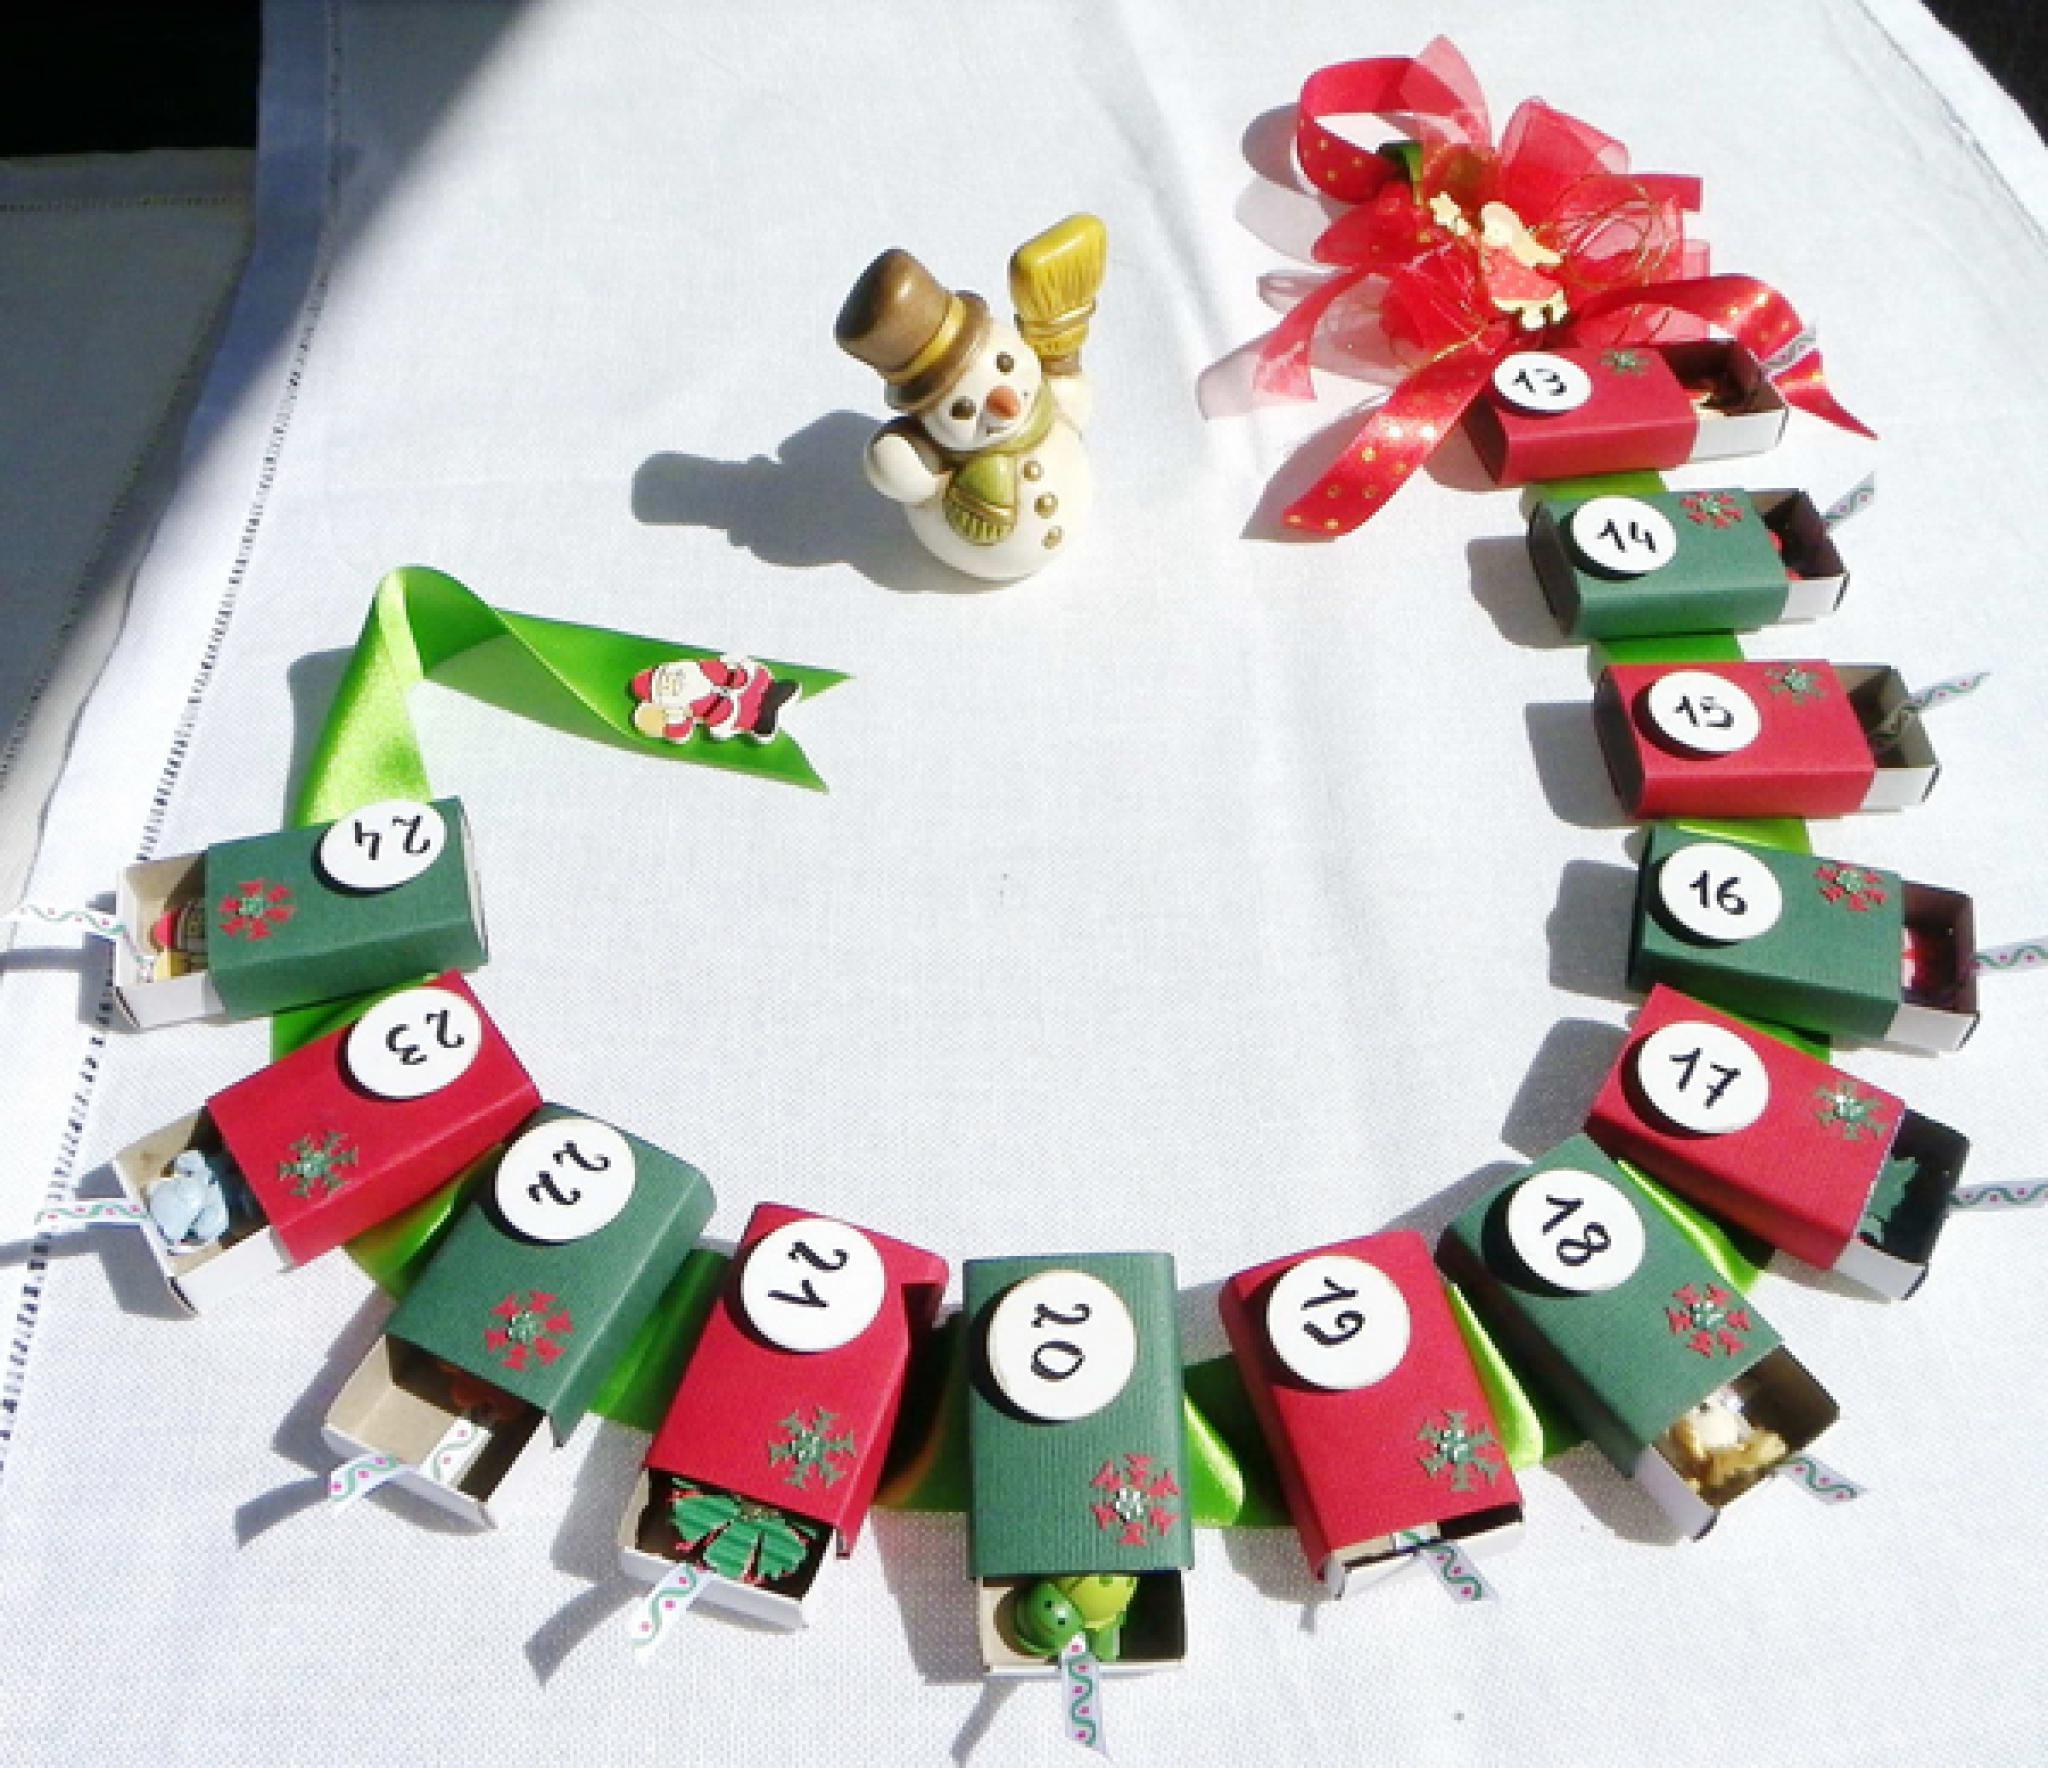 www adventni kalendar Adventní kalendář z krabiček od sirek / Návody pro tvoření  www adventni kalendar